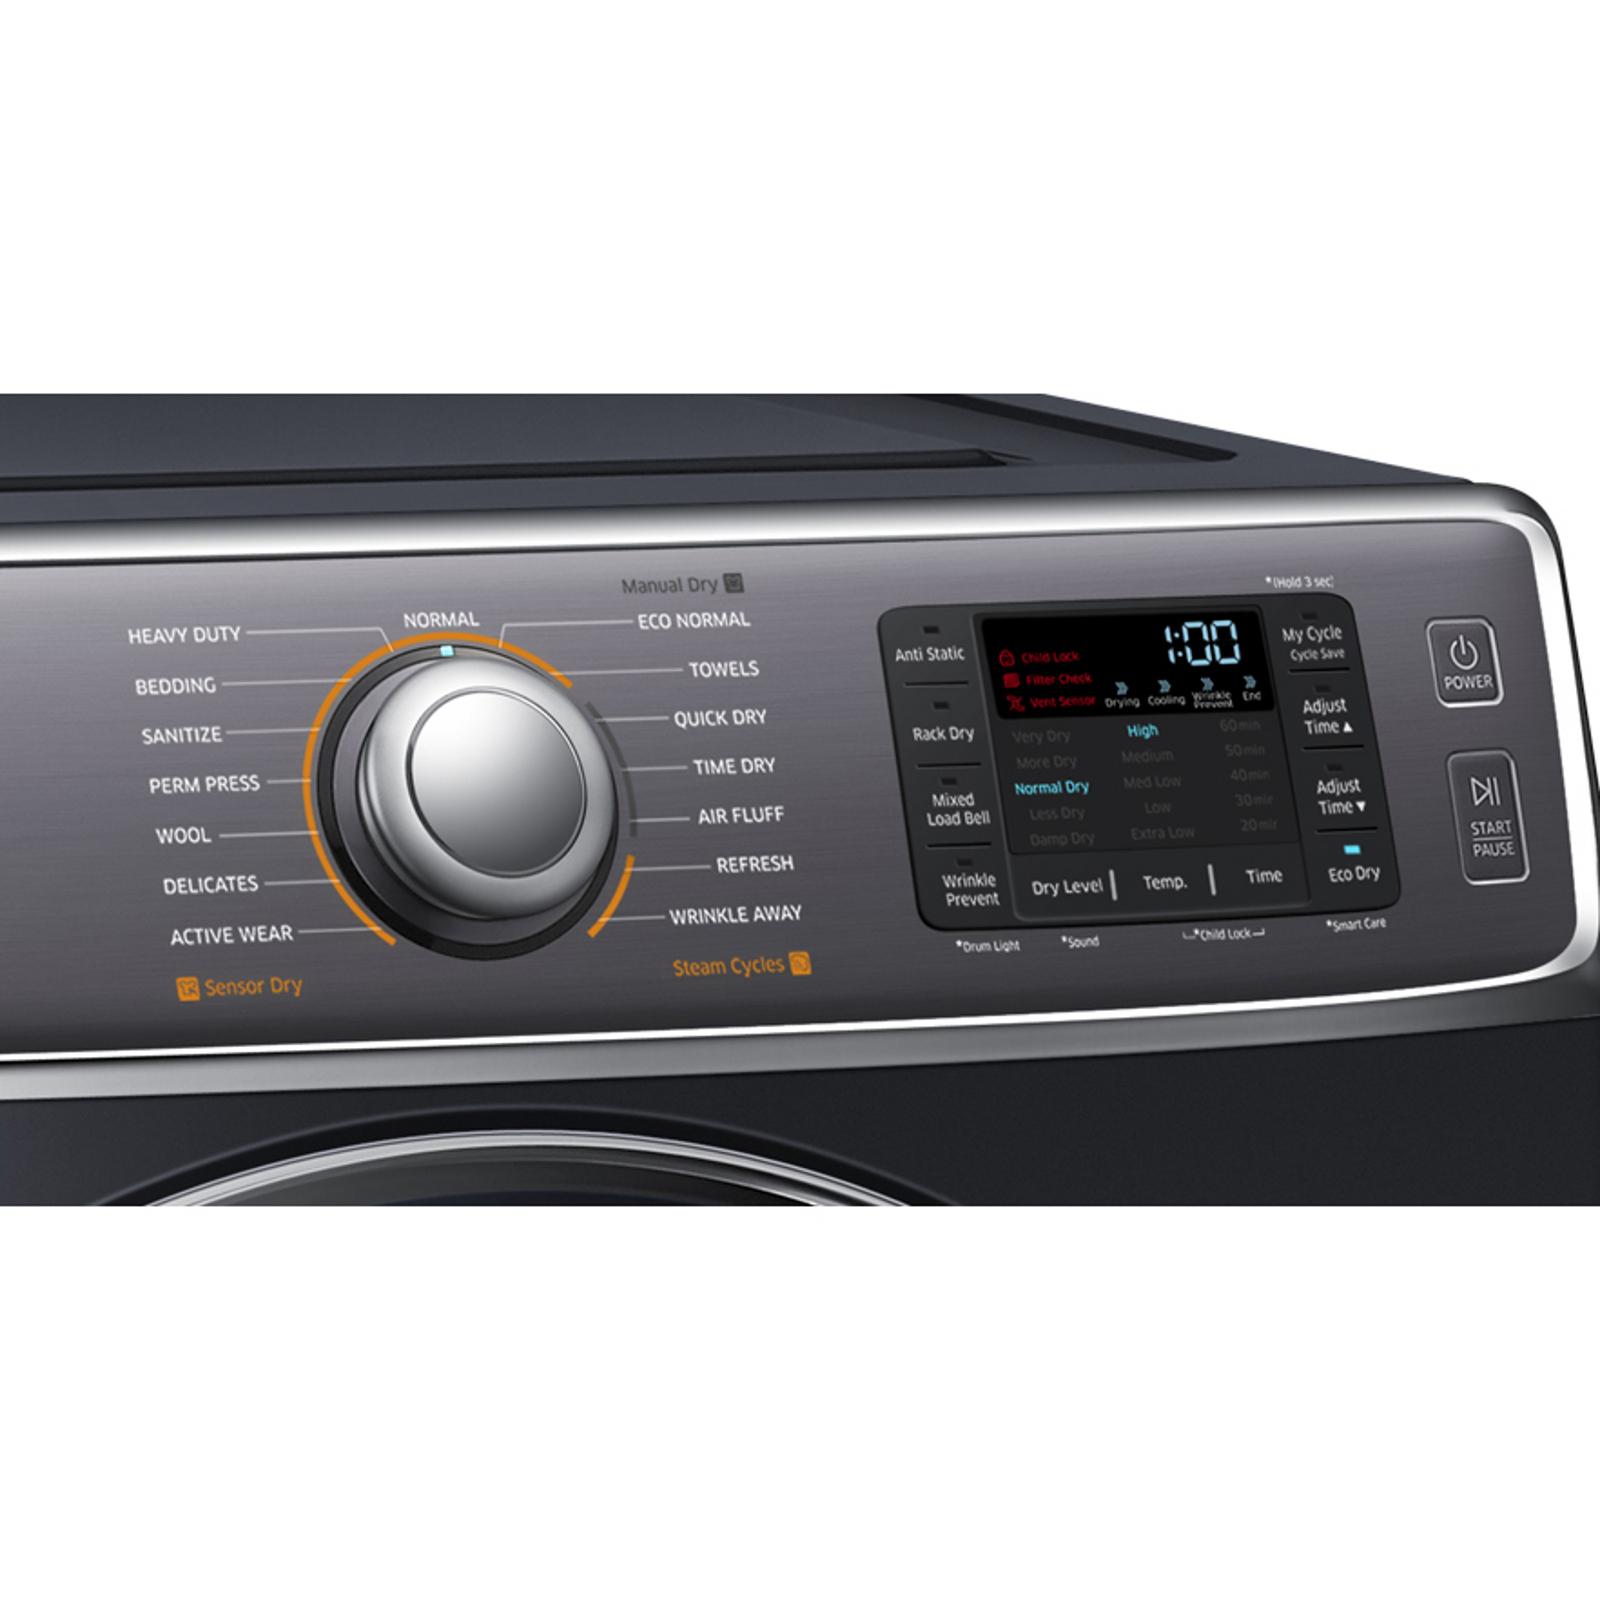 Samsung DV56H9100GG 9.5 cu. ft. Gas Dryer - Onyx